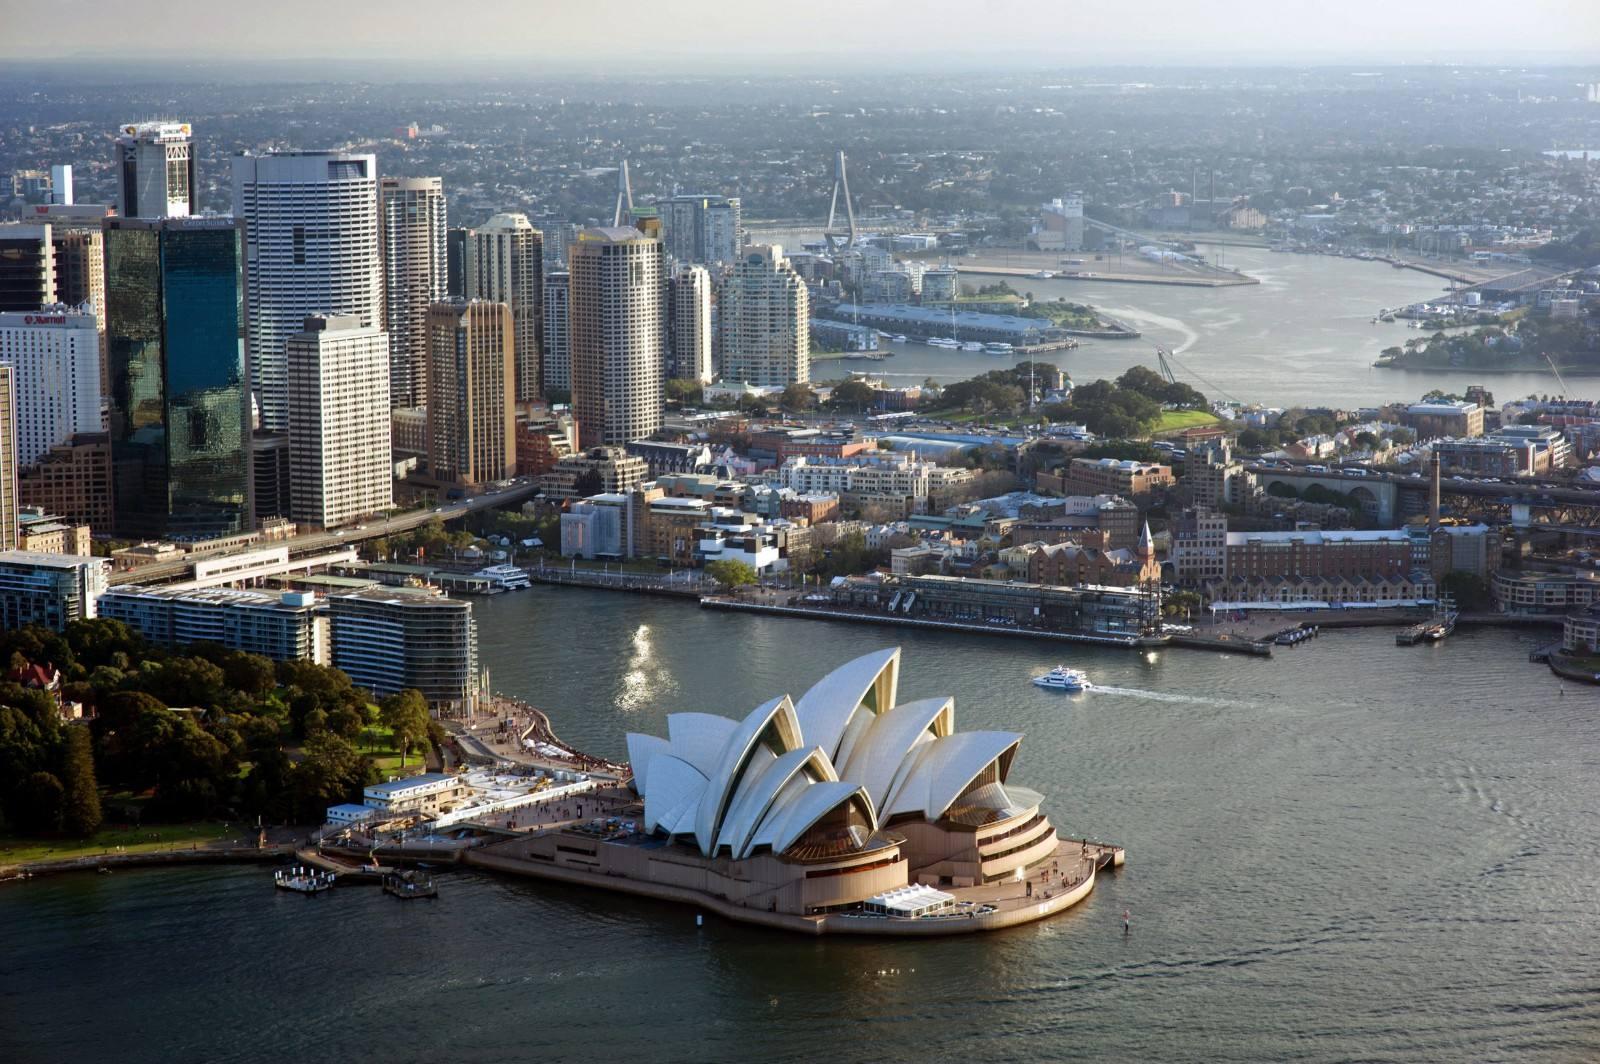 澳大利亚拒签率高么?怎么避免拒签?